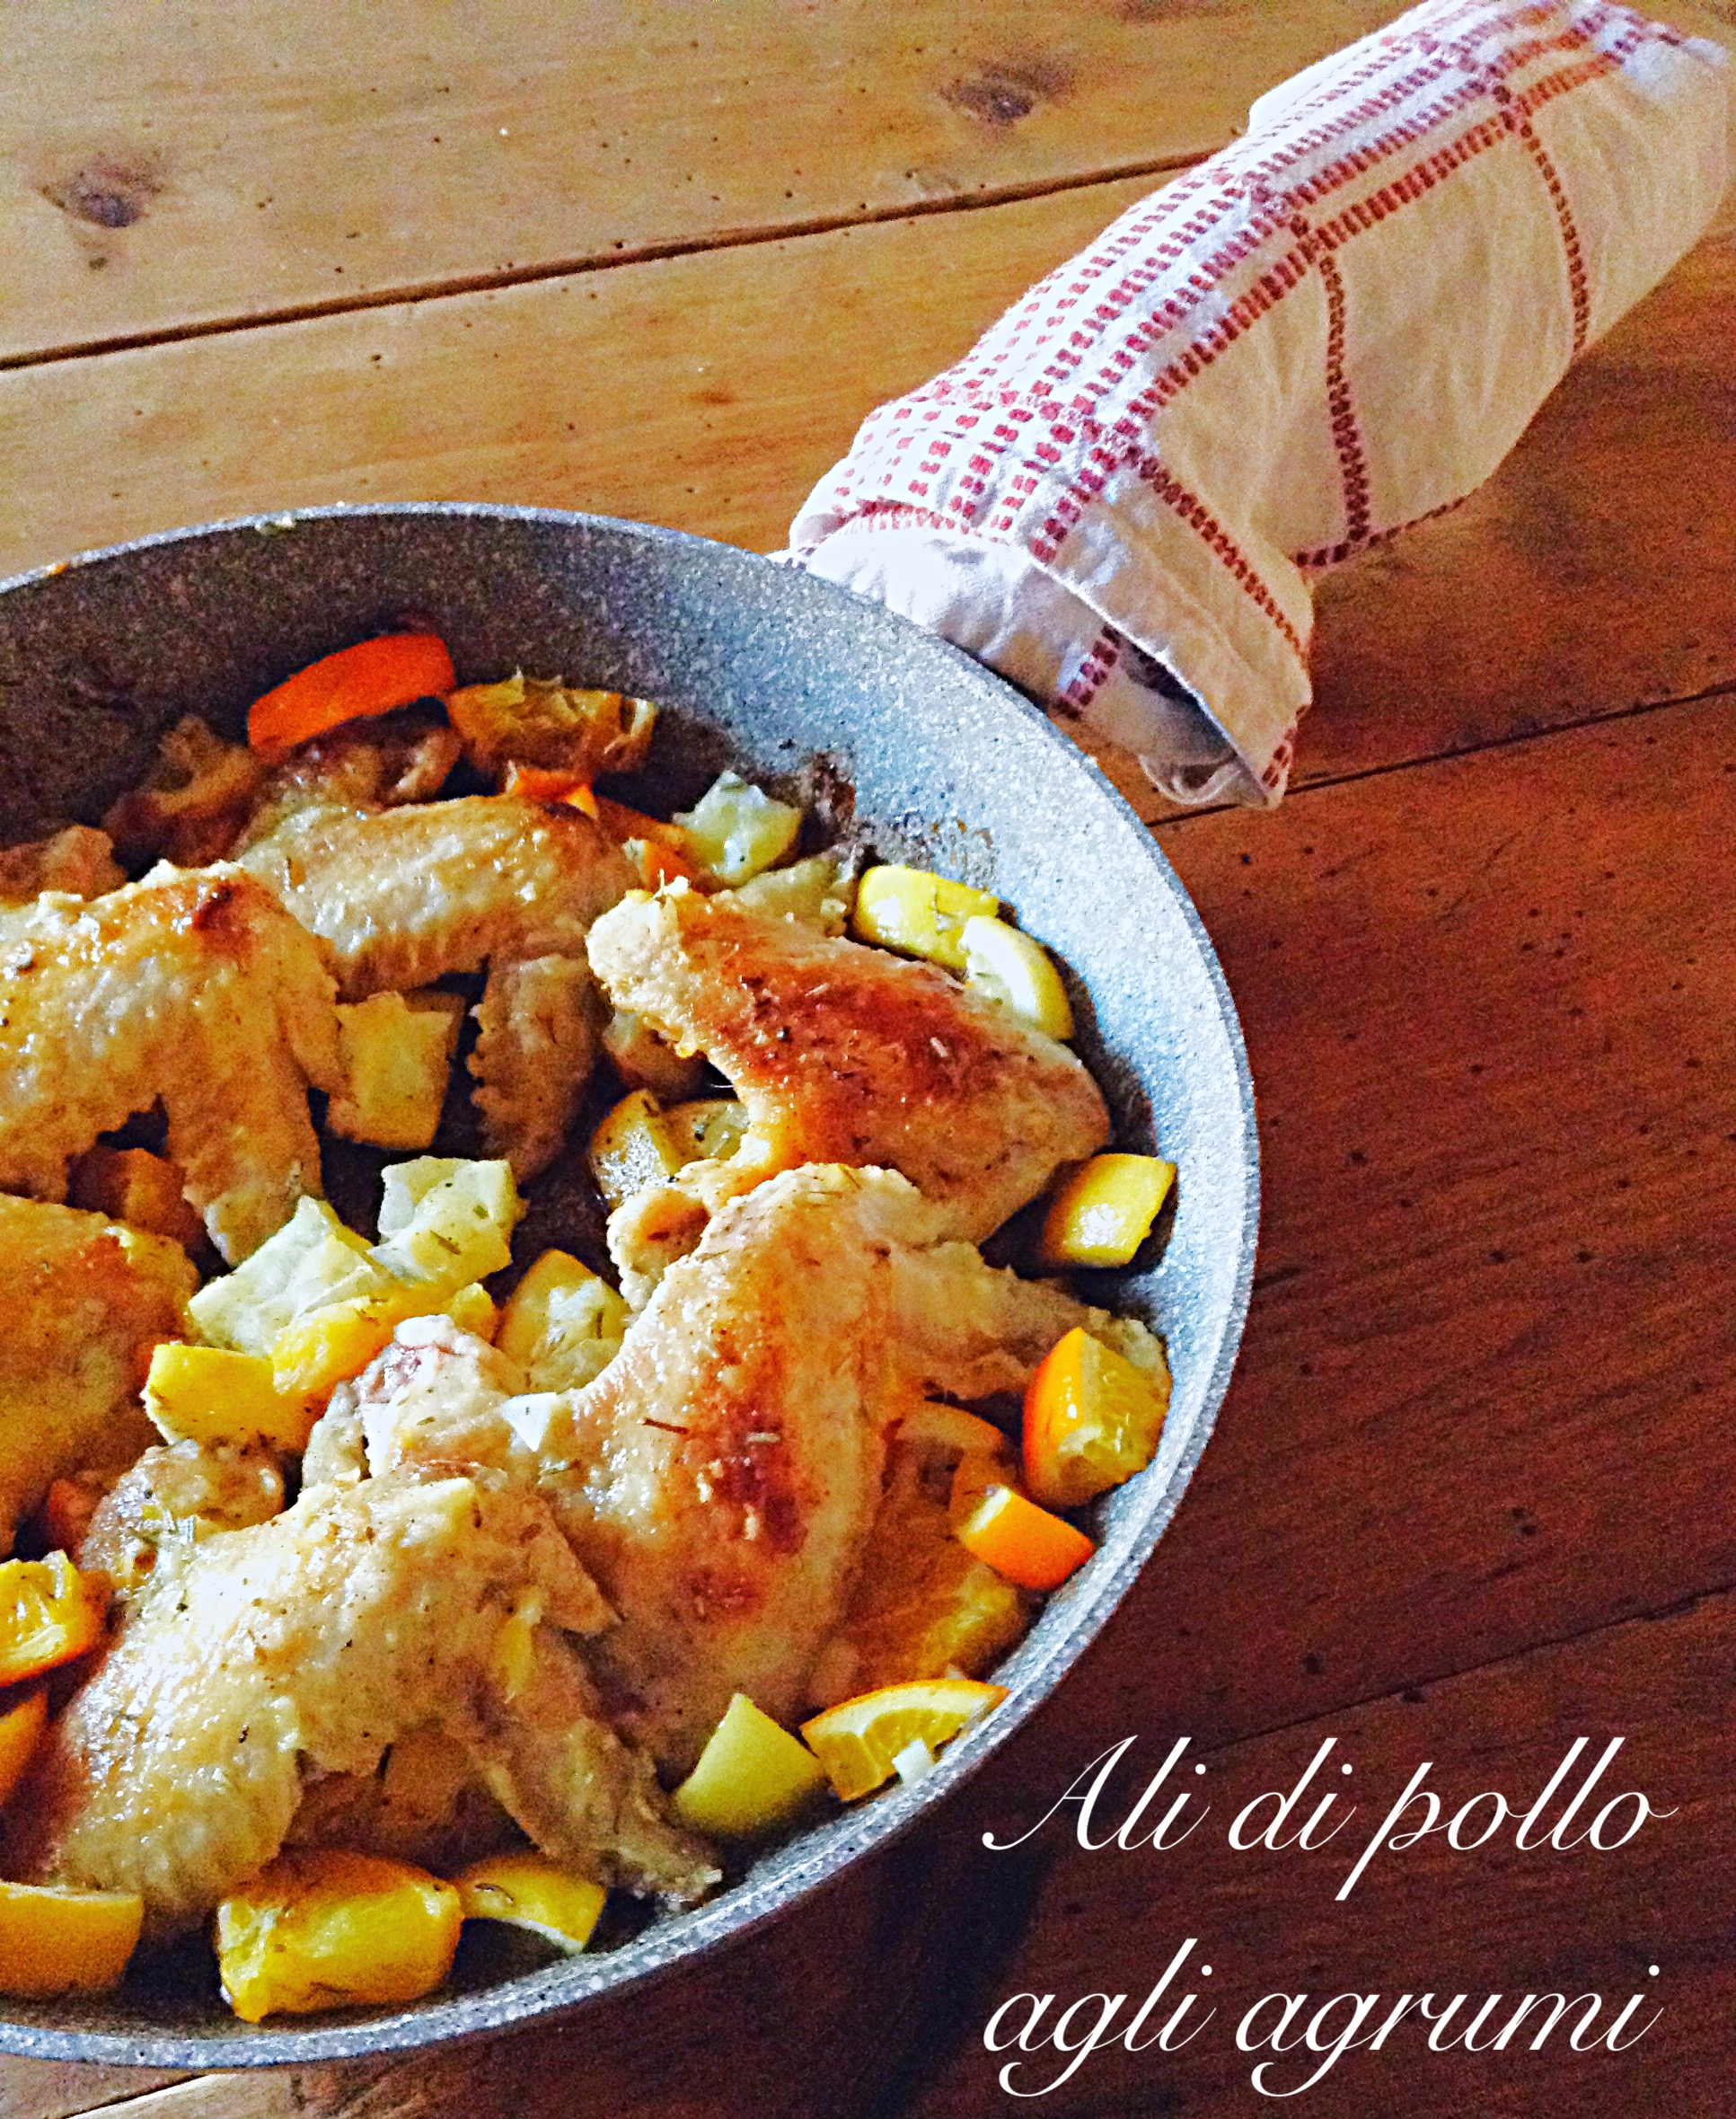 ali-di-pollo-agli-agrumi-3